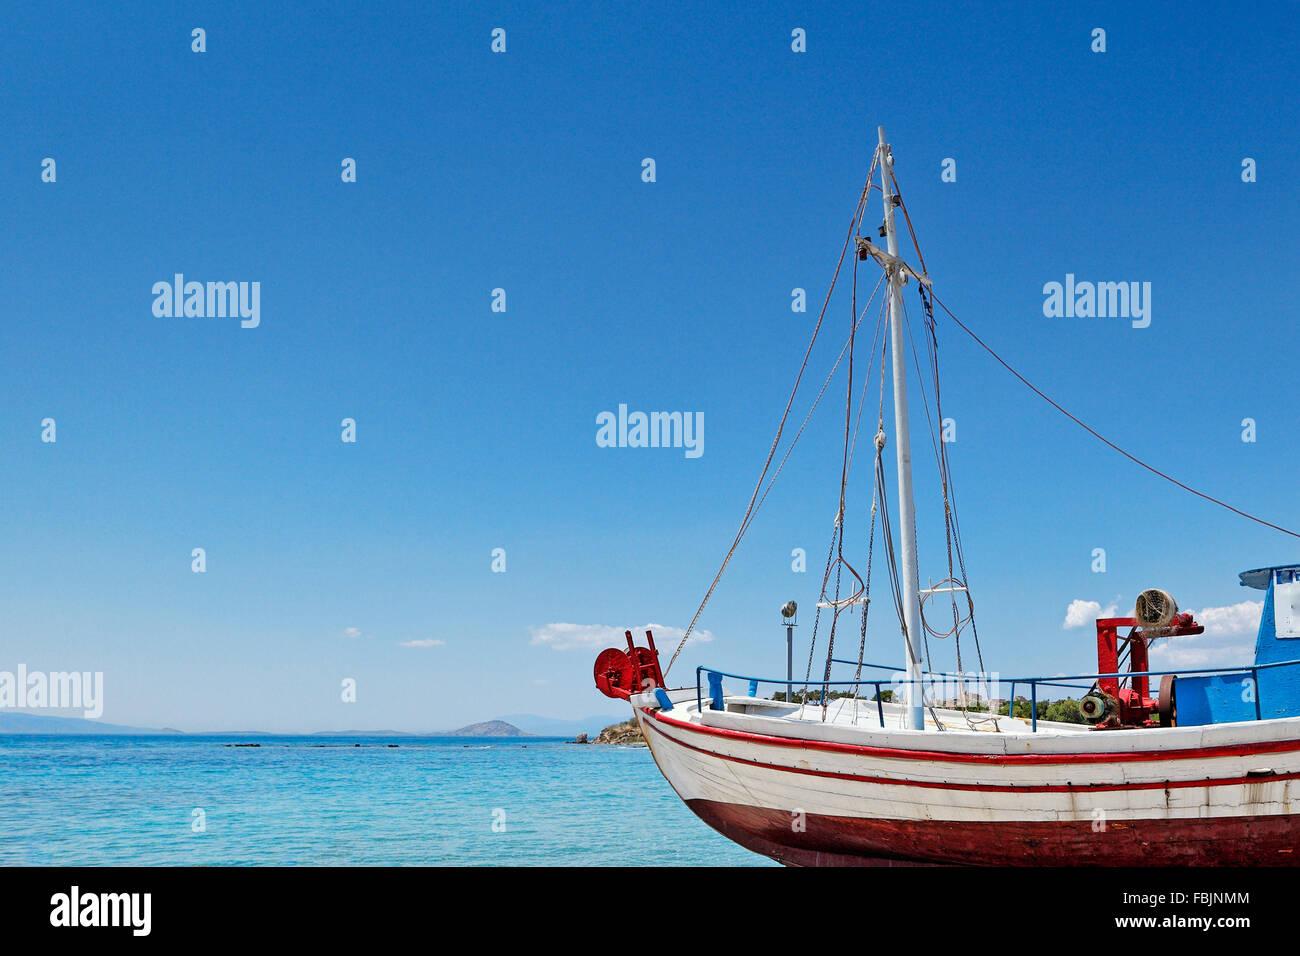 La pesca tradizionale barca a Aegina Island, Grecia Immagini Stock